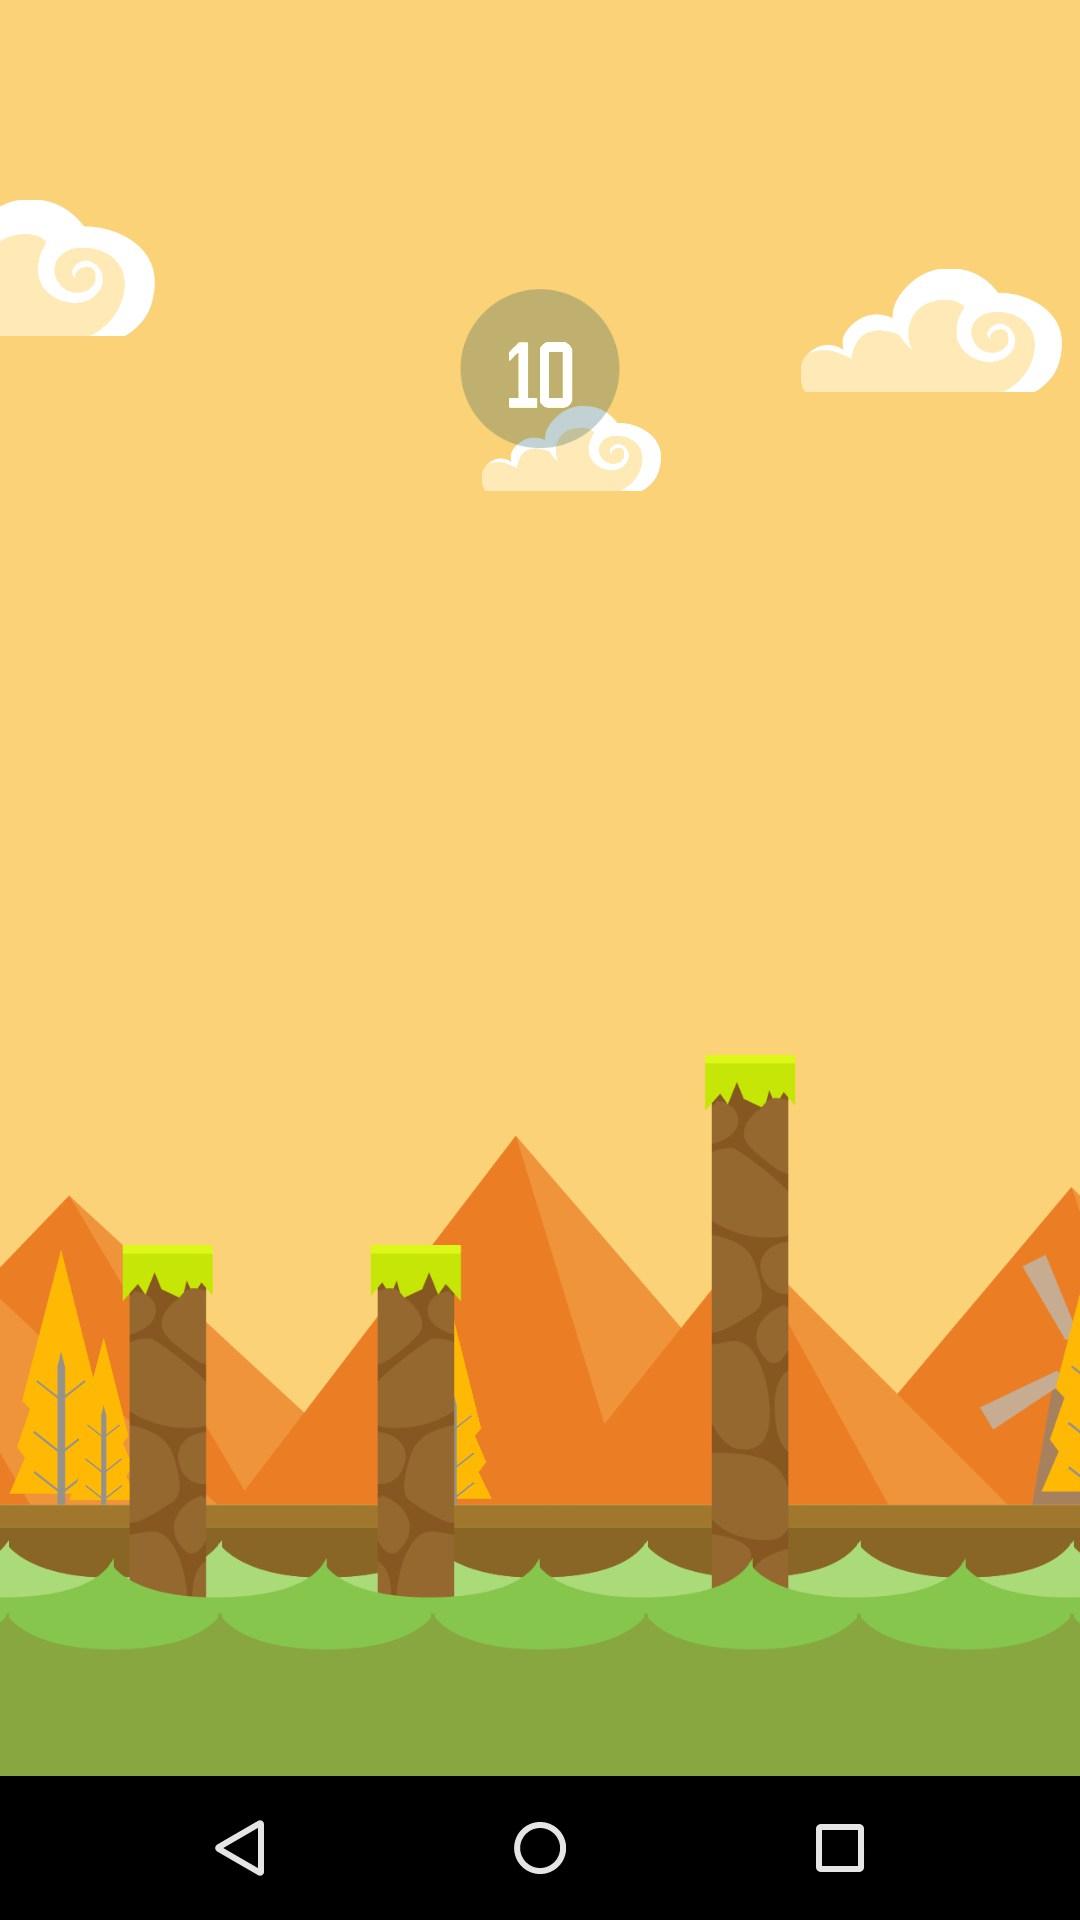 Spring Ninja – Jeux Pour Android 2018 - Téléchargement destiné Jeux Des Erreurs Gratuit